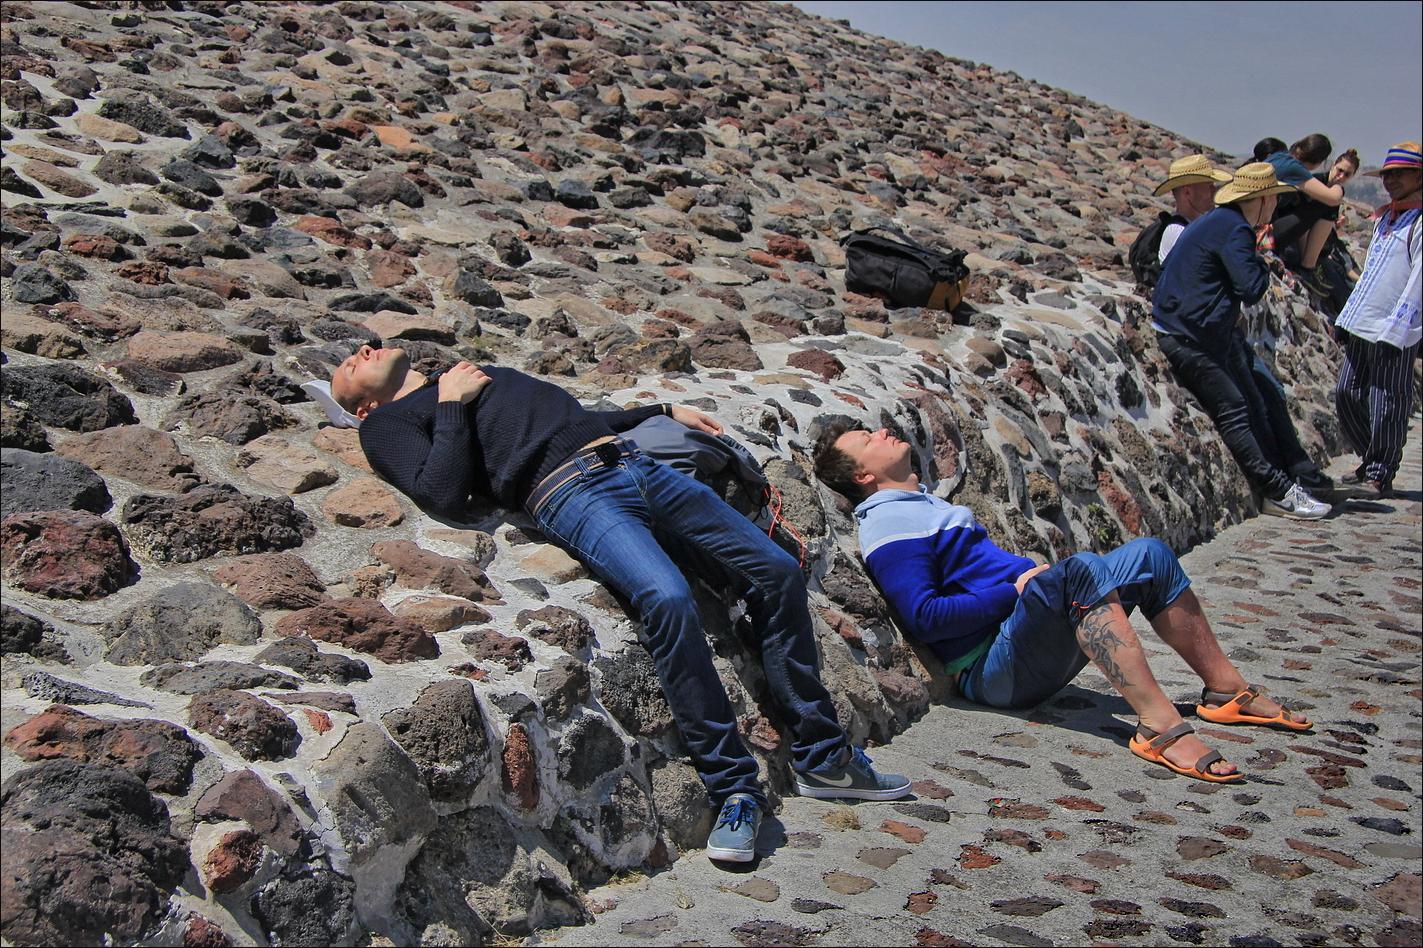 http://ic.pics.livejournal.com/tkova/77245371/215390/215390_original.jpg